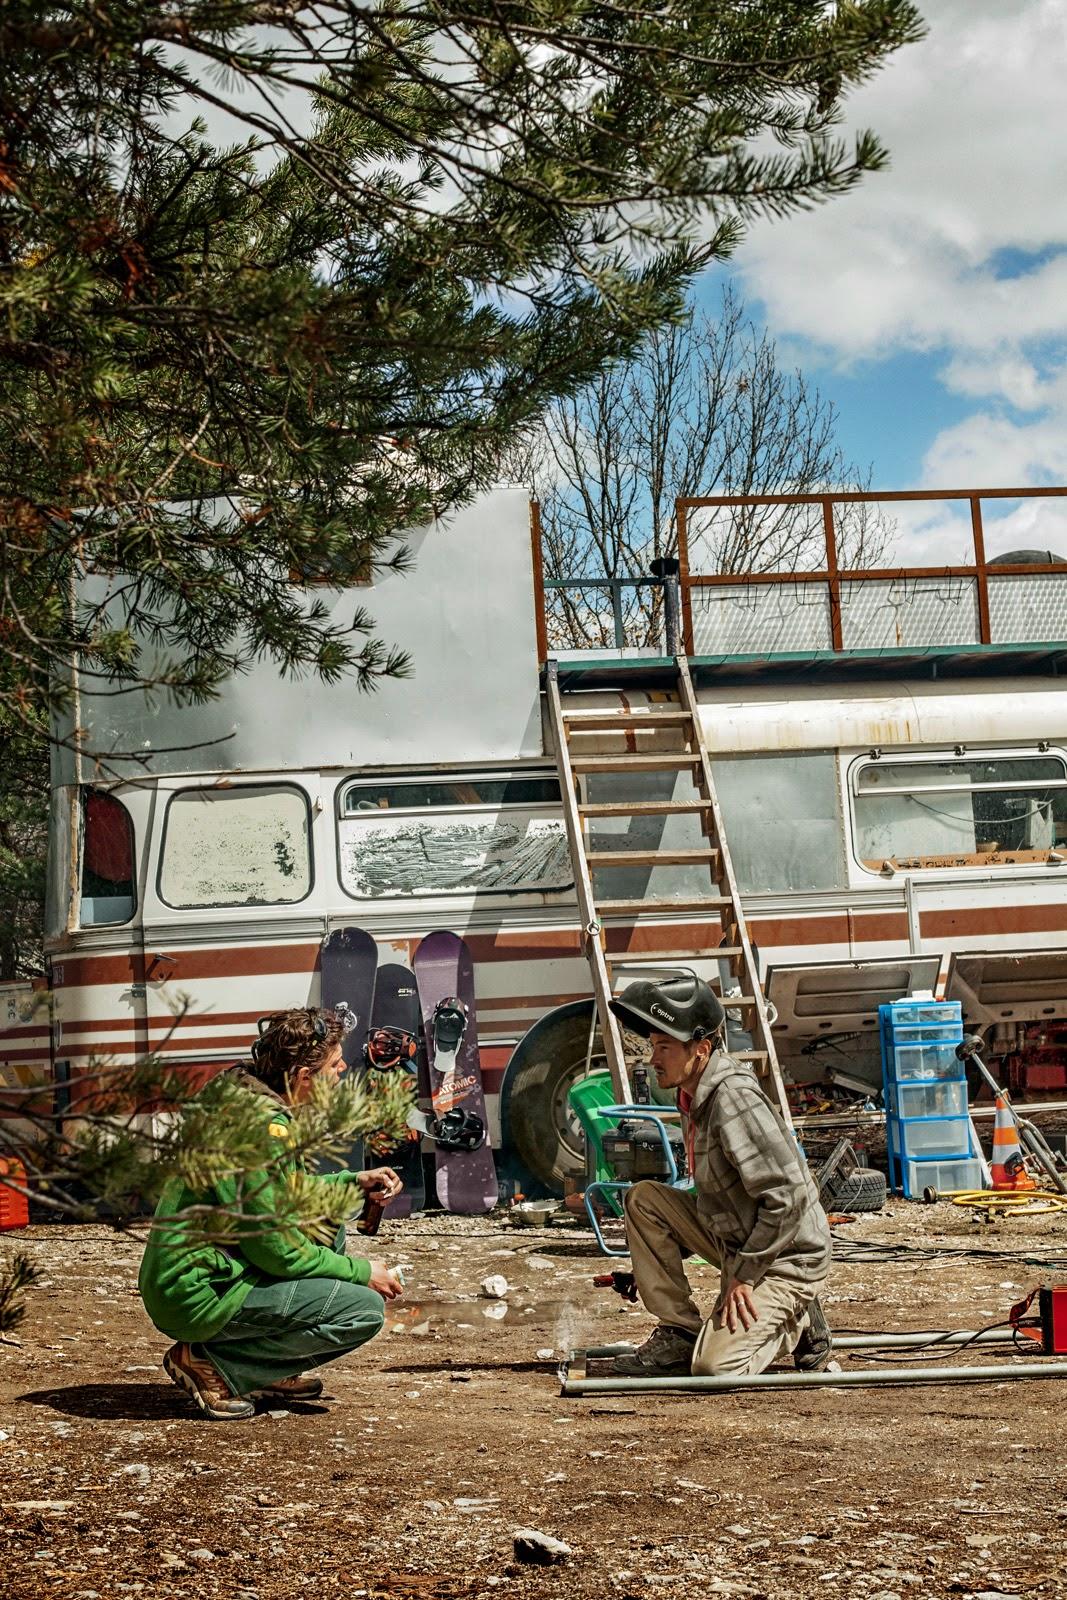 ©Ferjeux van der Stigghel Nolands man project pour forum vies mobiles